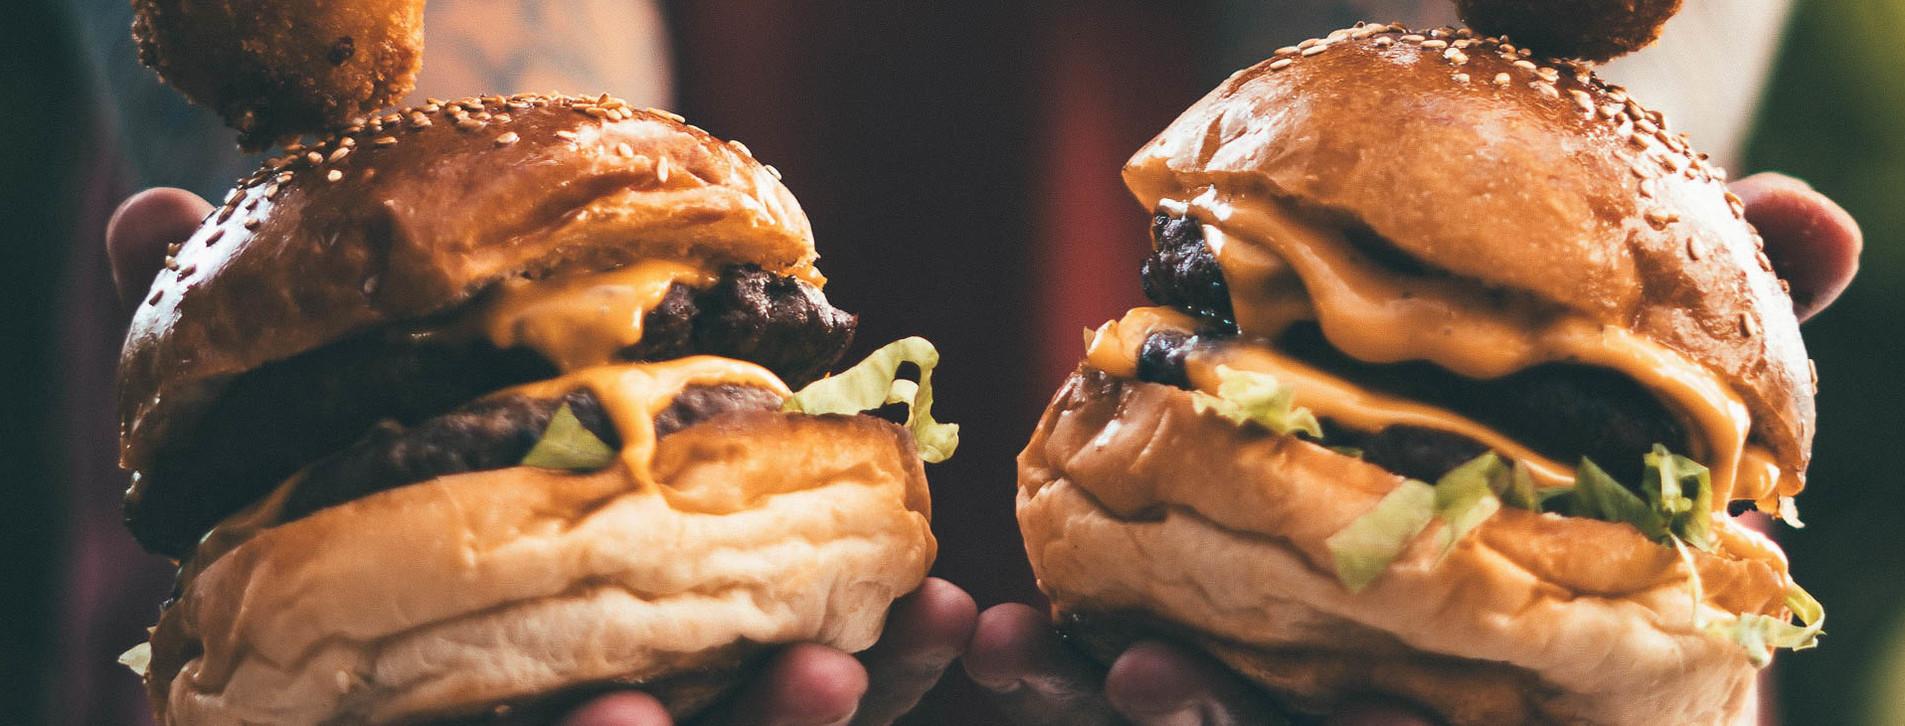 Фото - Урок приготовления бургеров для двоих